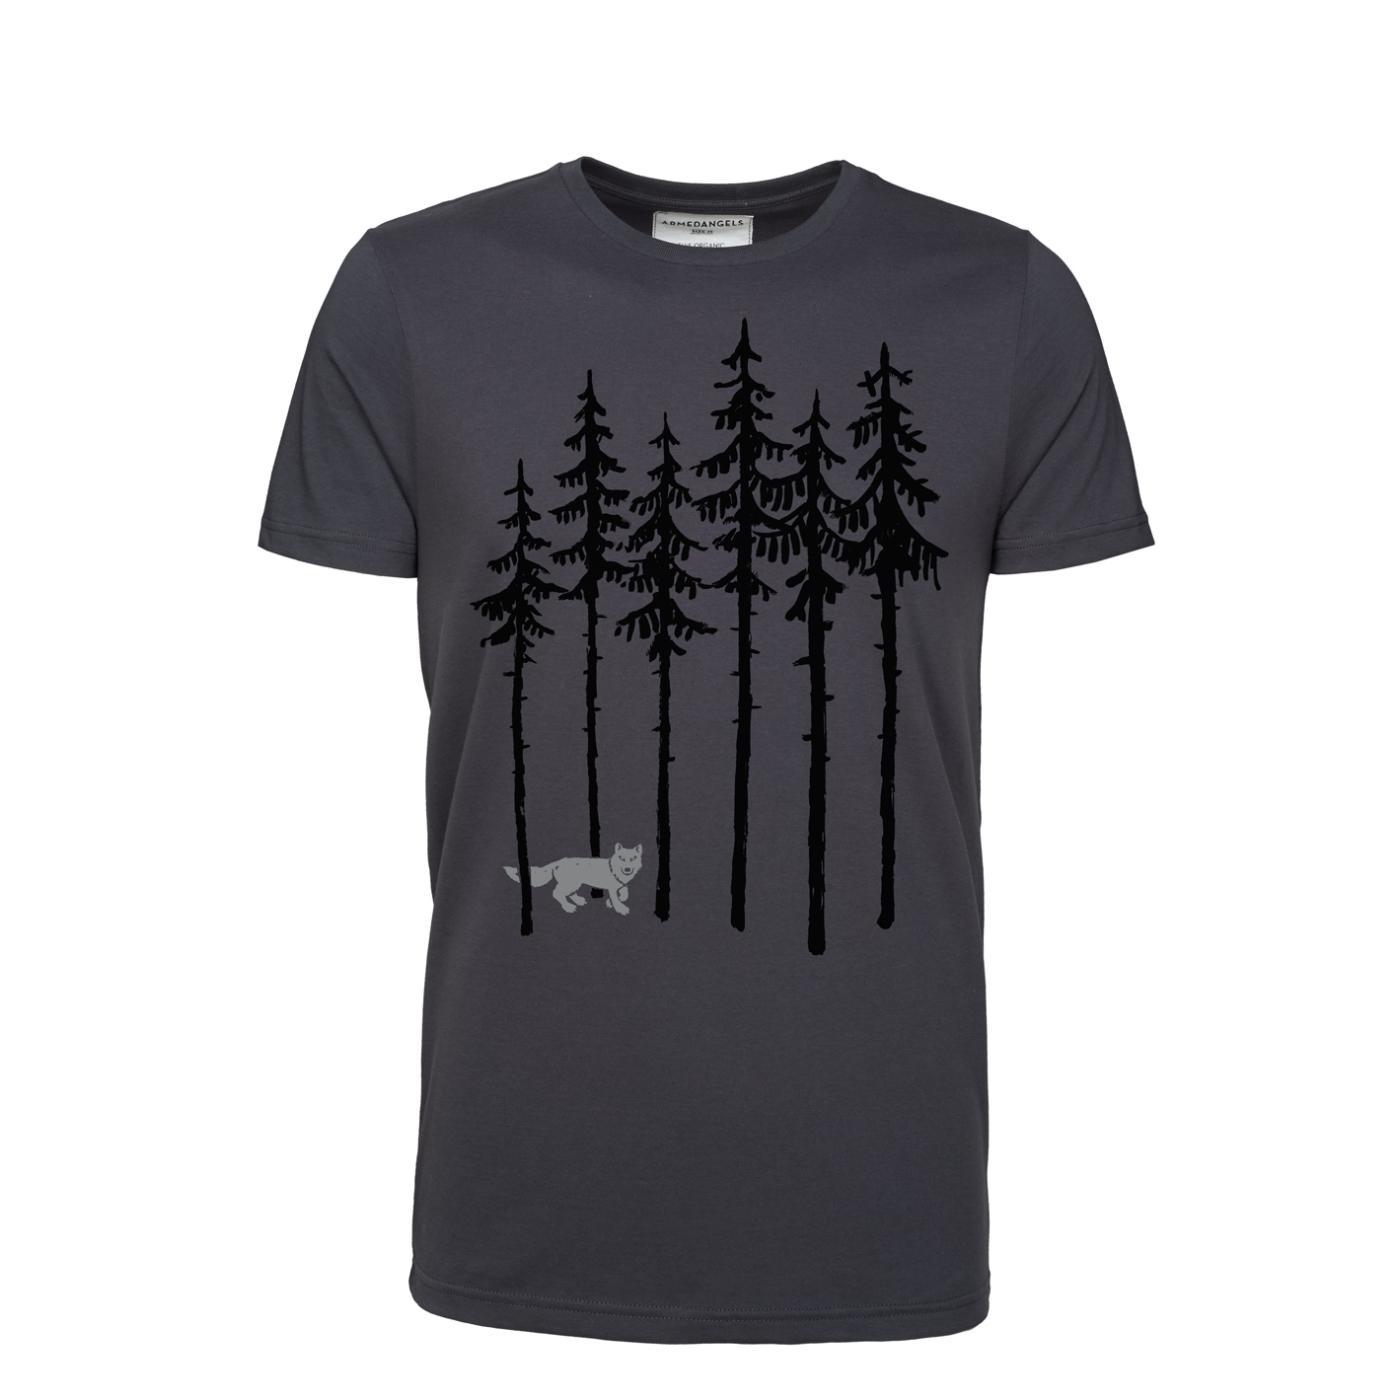 15-11-07-Tshirt08